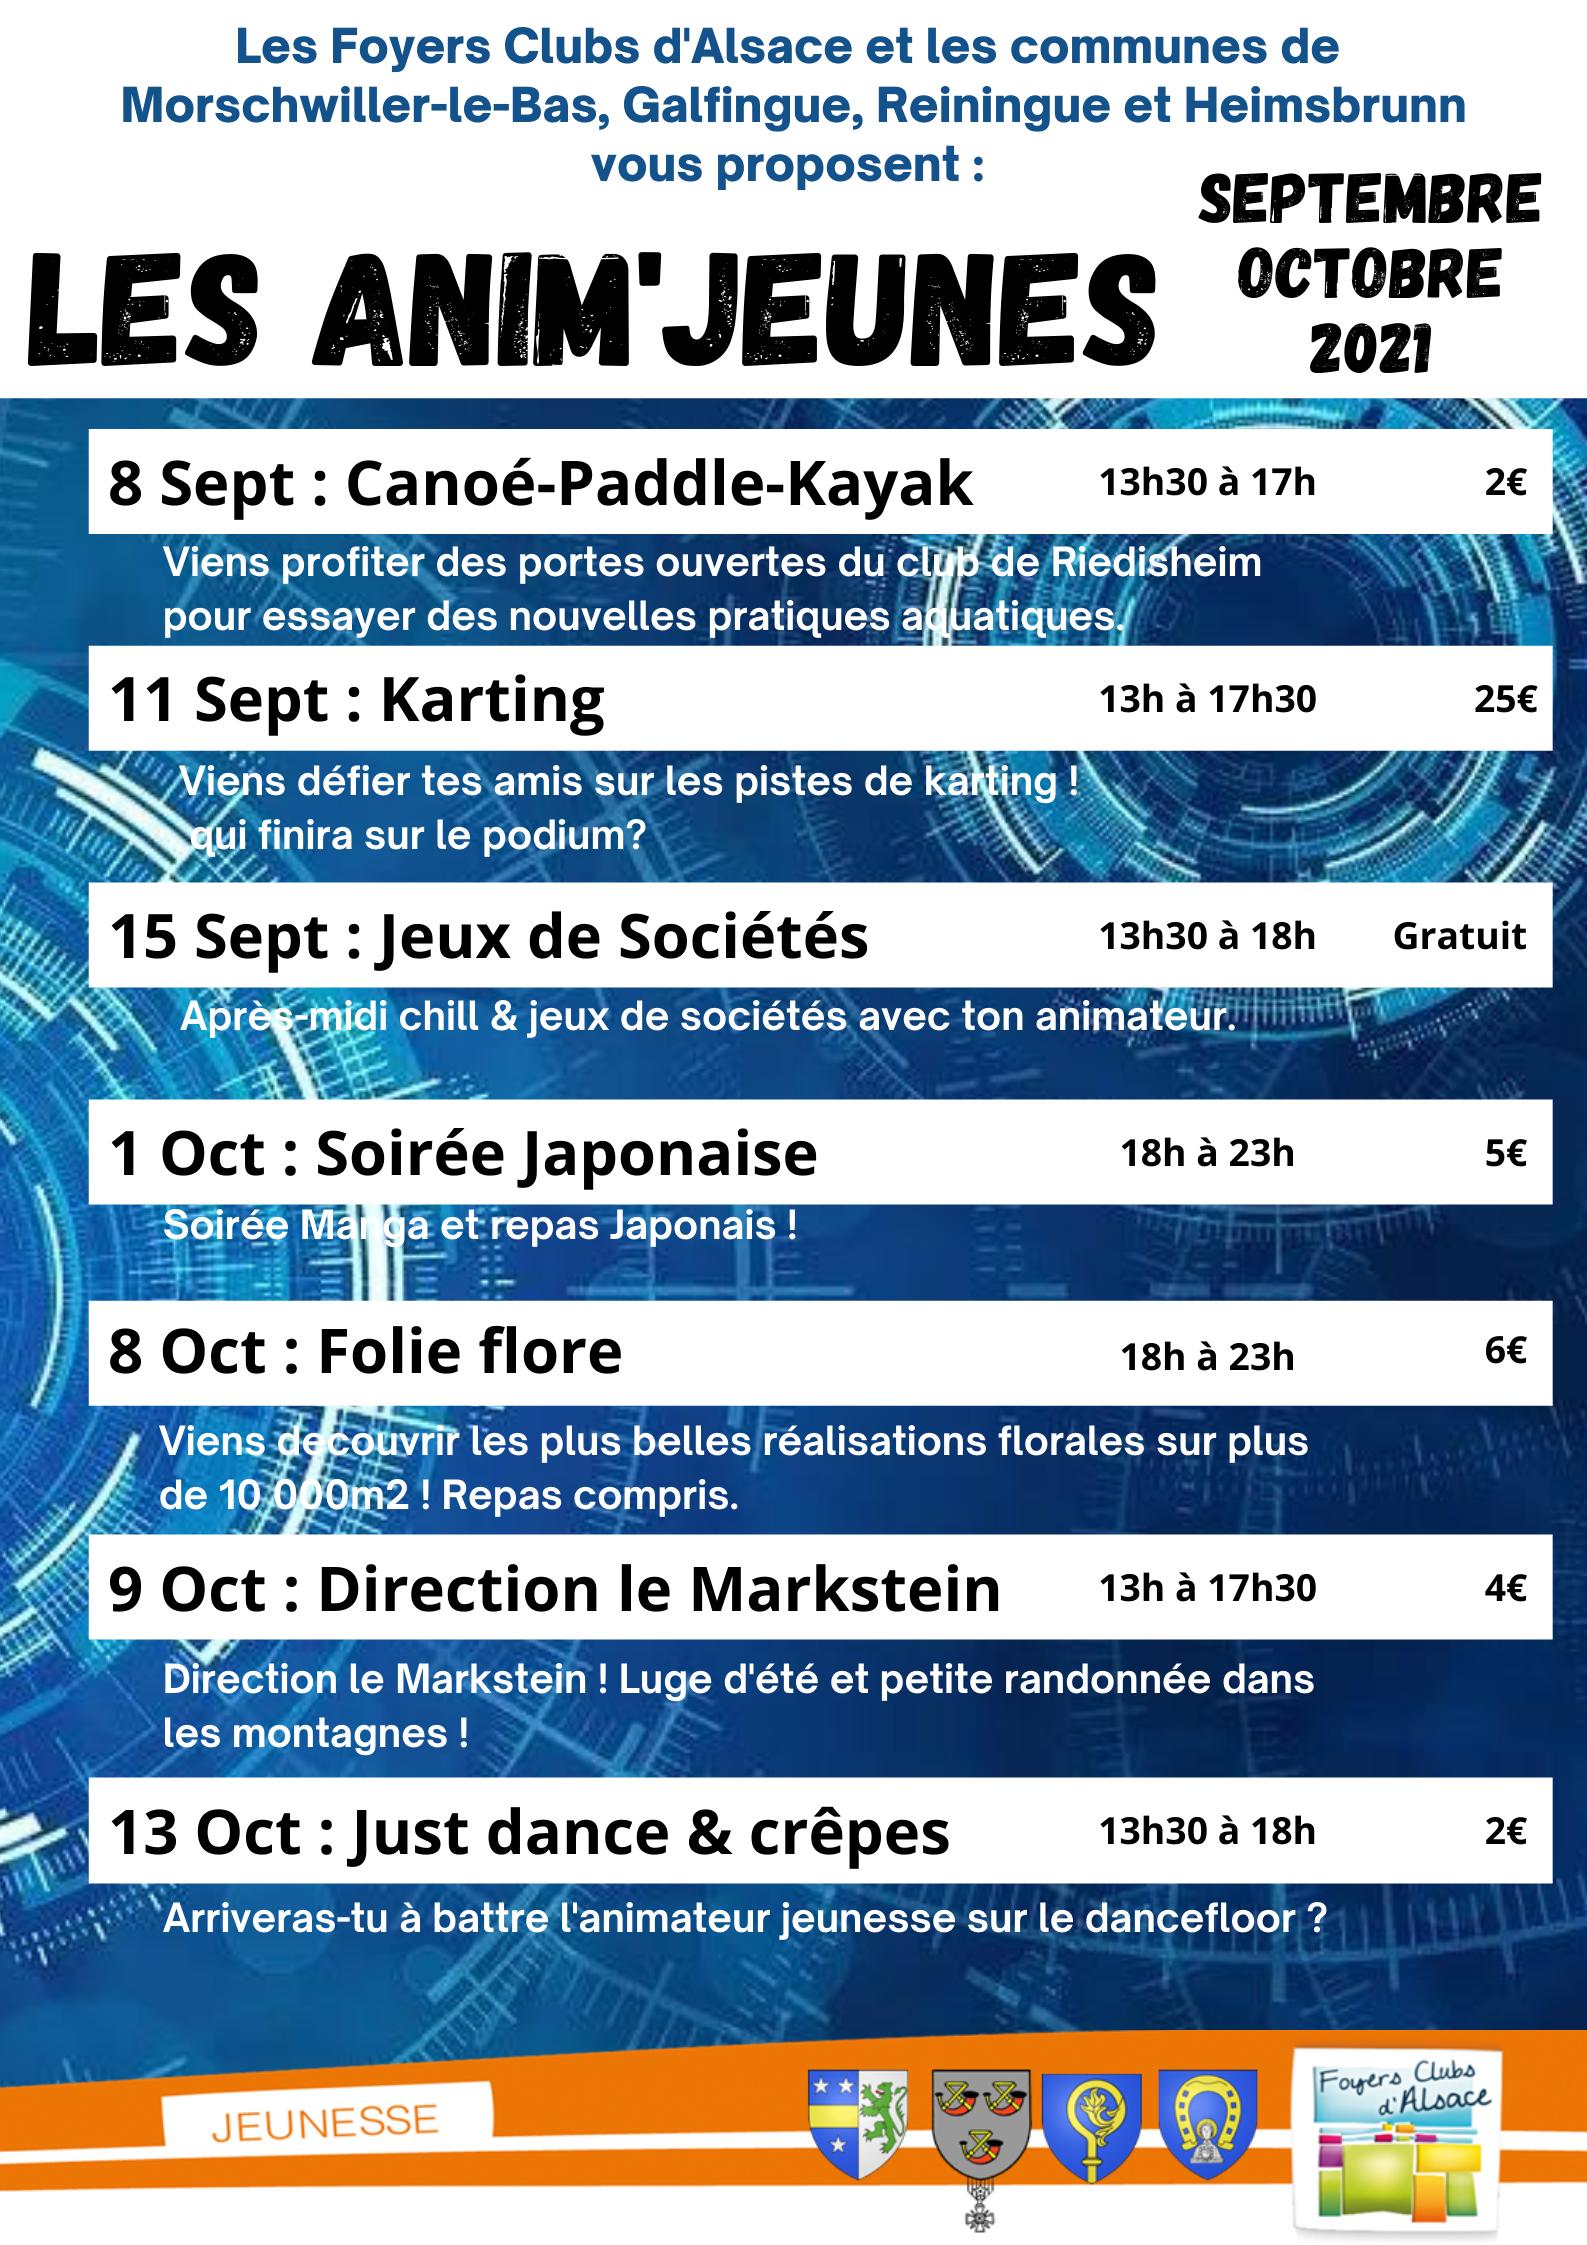 animjeunes sept-oct2021-1.png